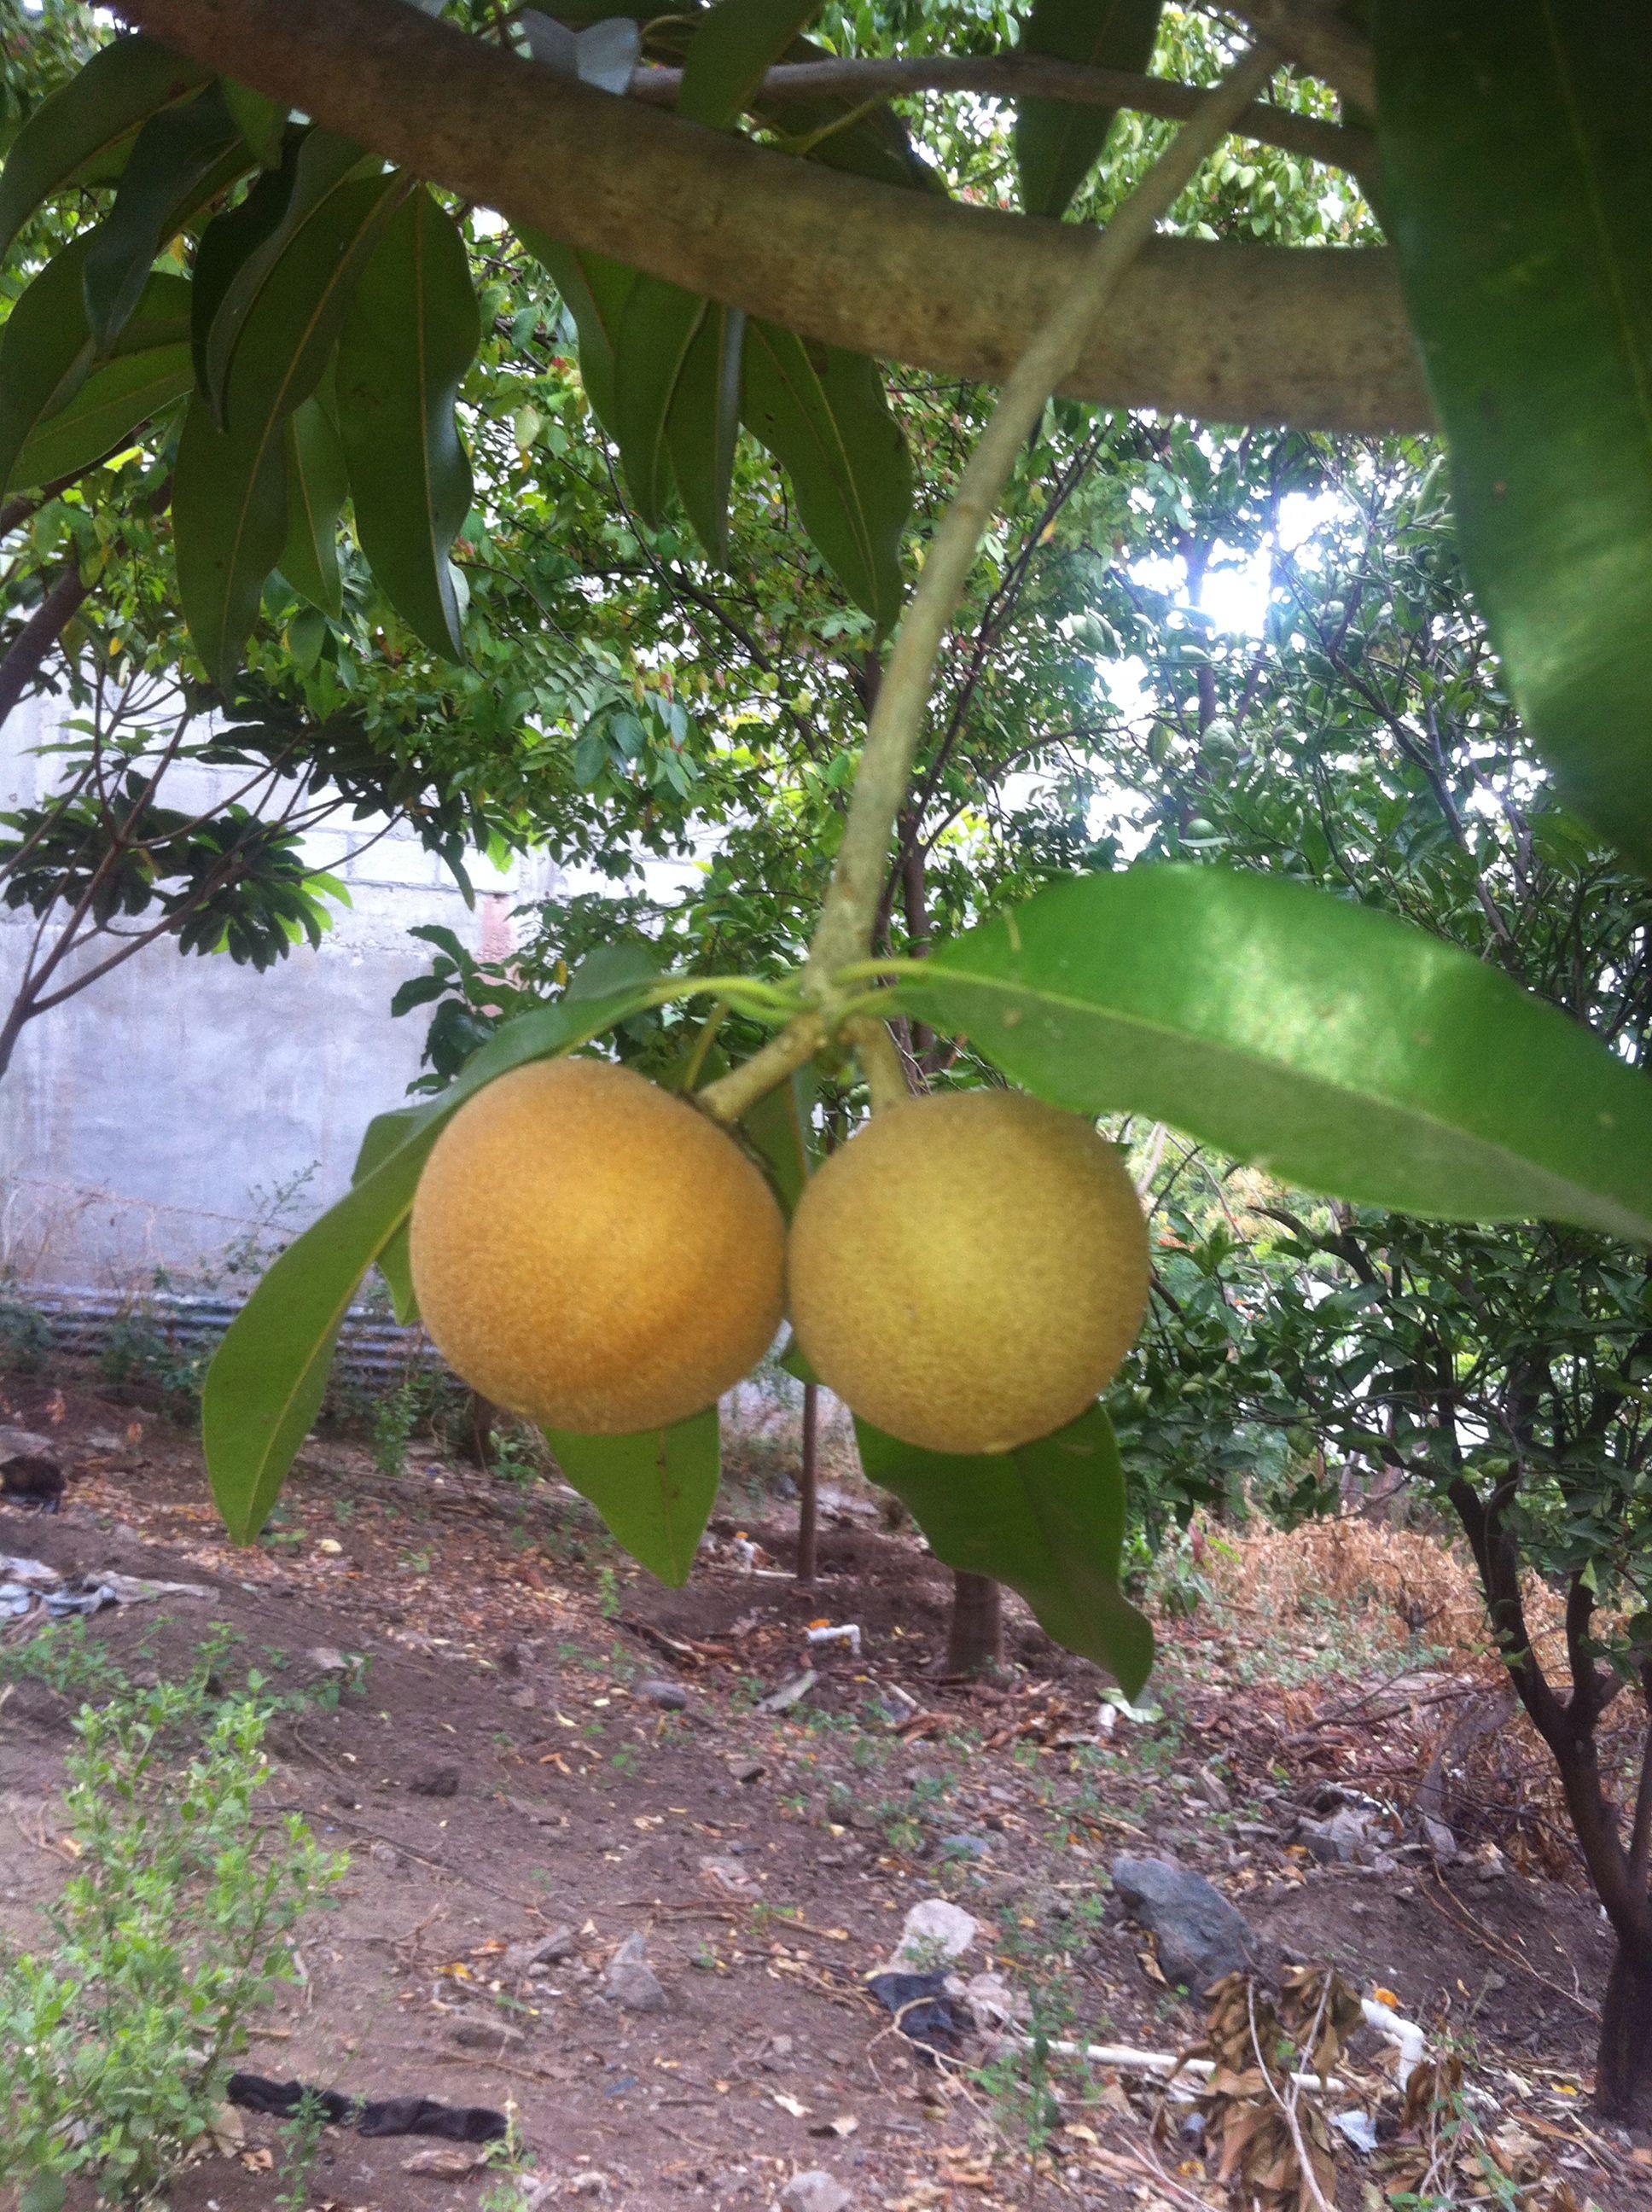 Nisperos O Chicos Frutas De Mi Pais Guatemala Nisperos Paises